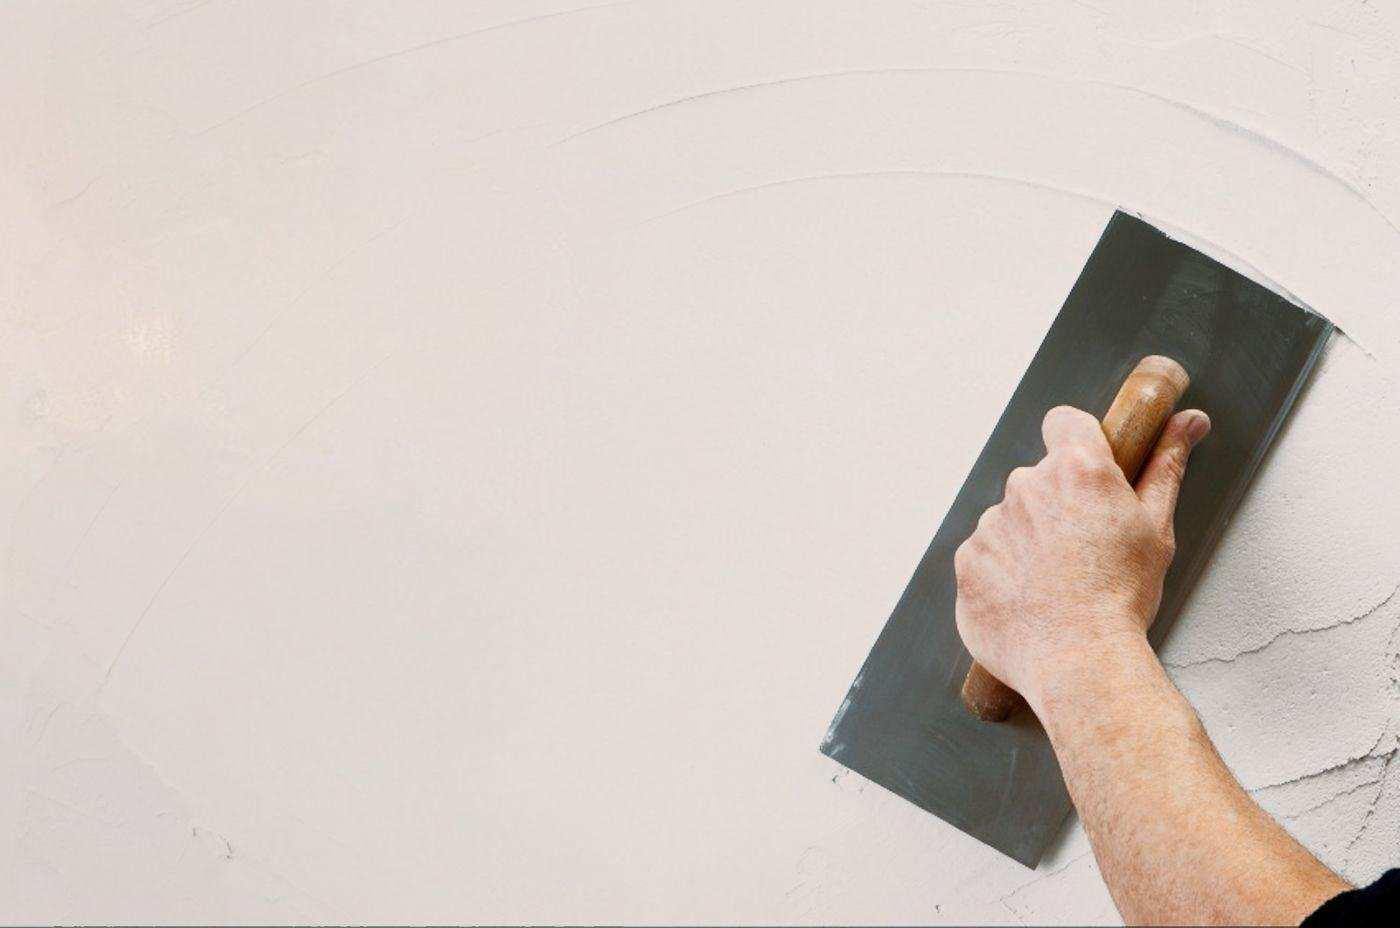 способ использования акриловой шпаклевкой путц в ремонте комнаты самостоятельно